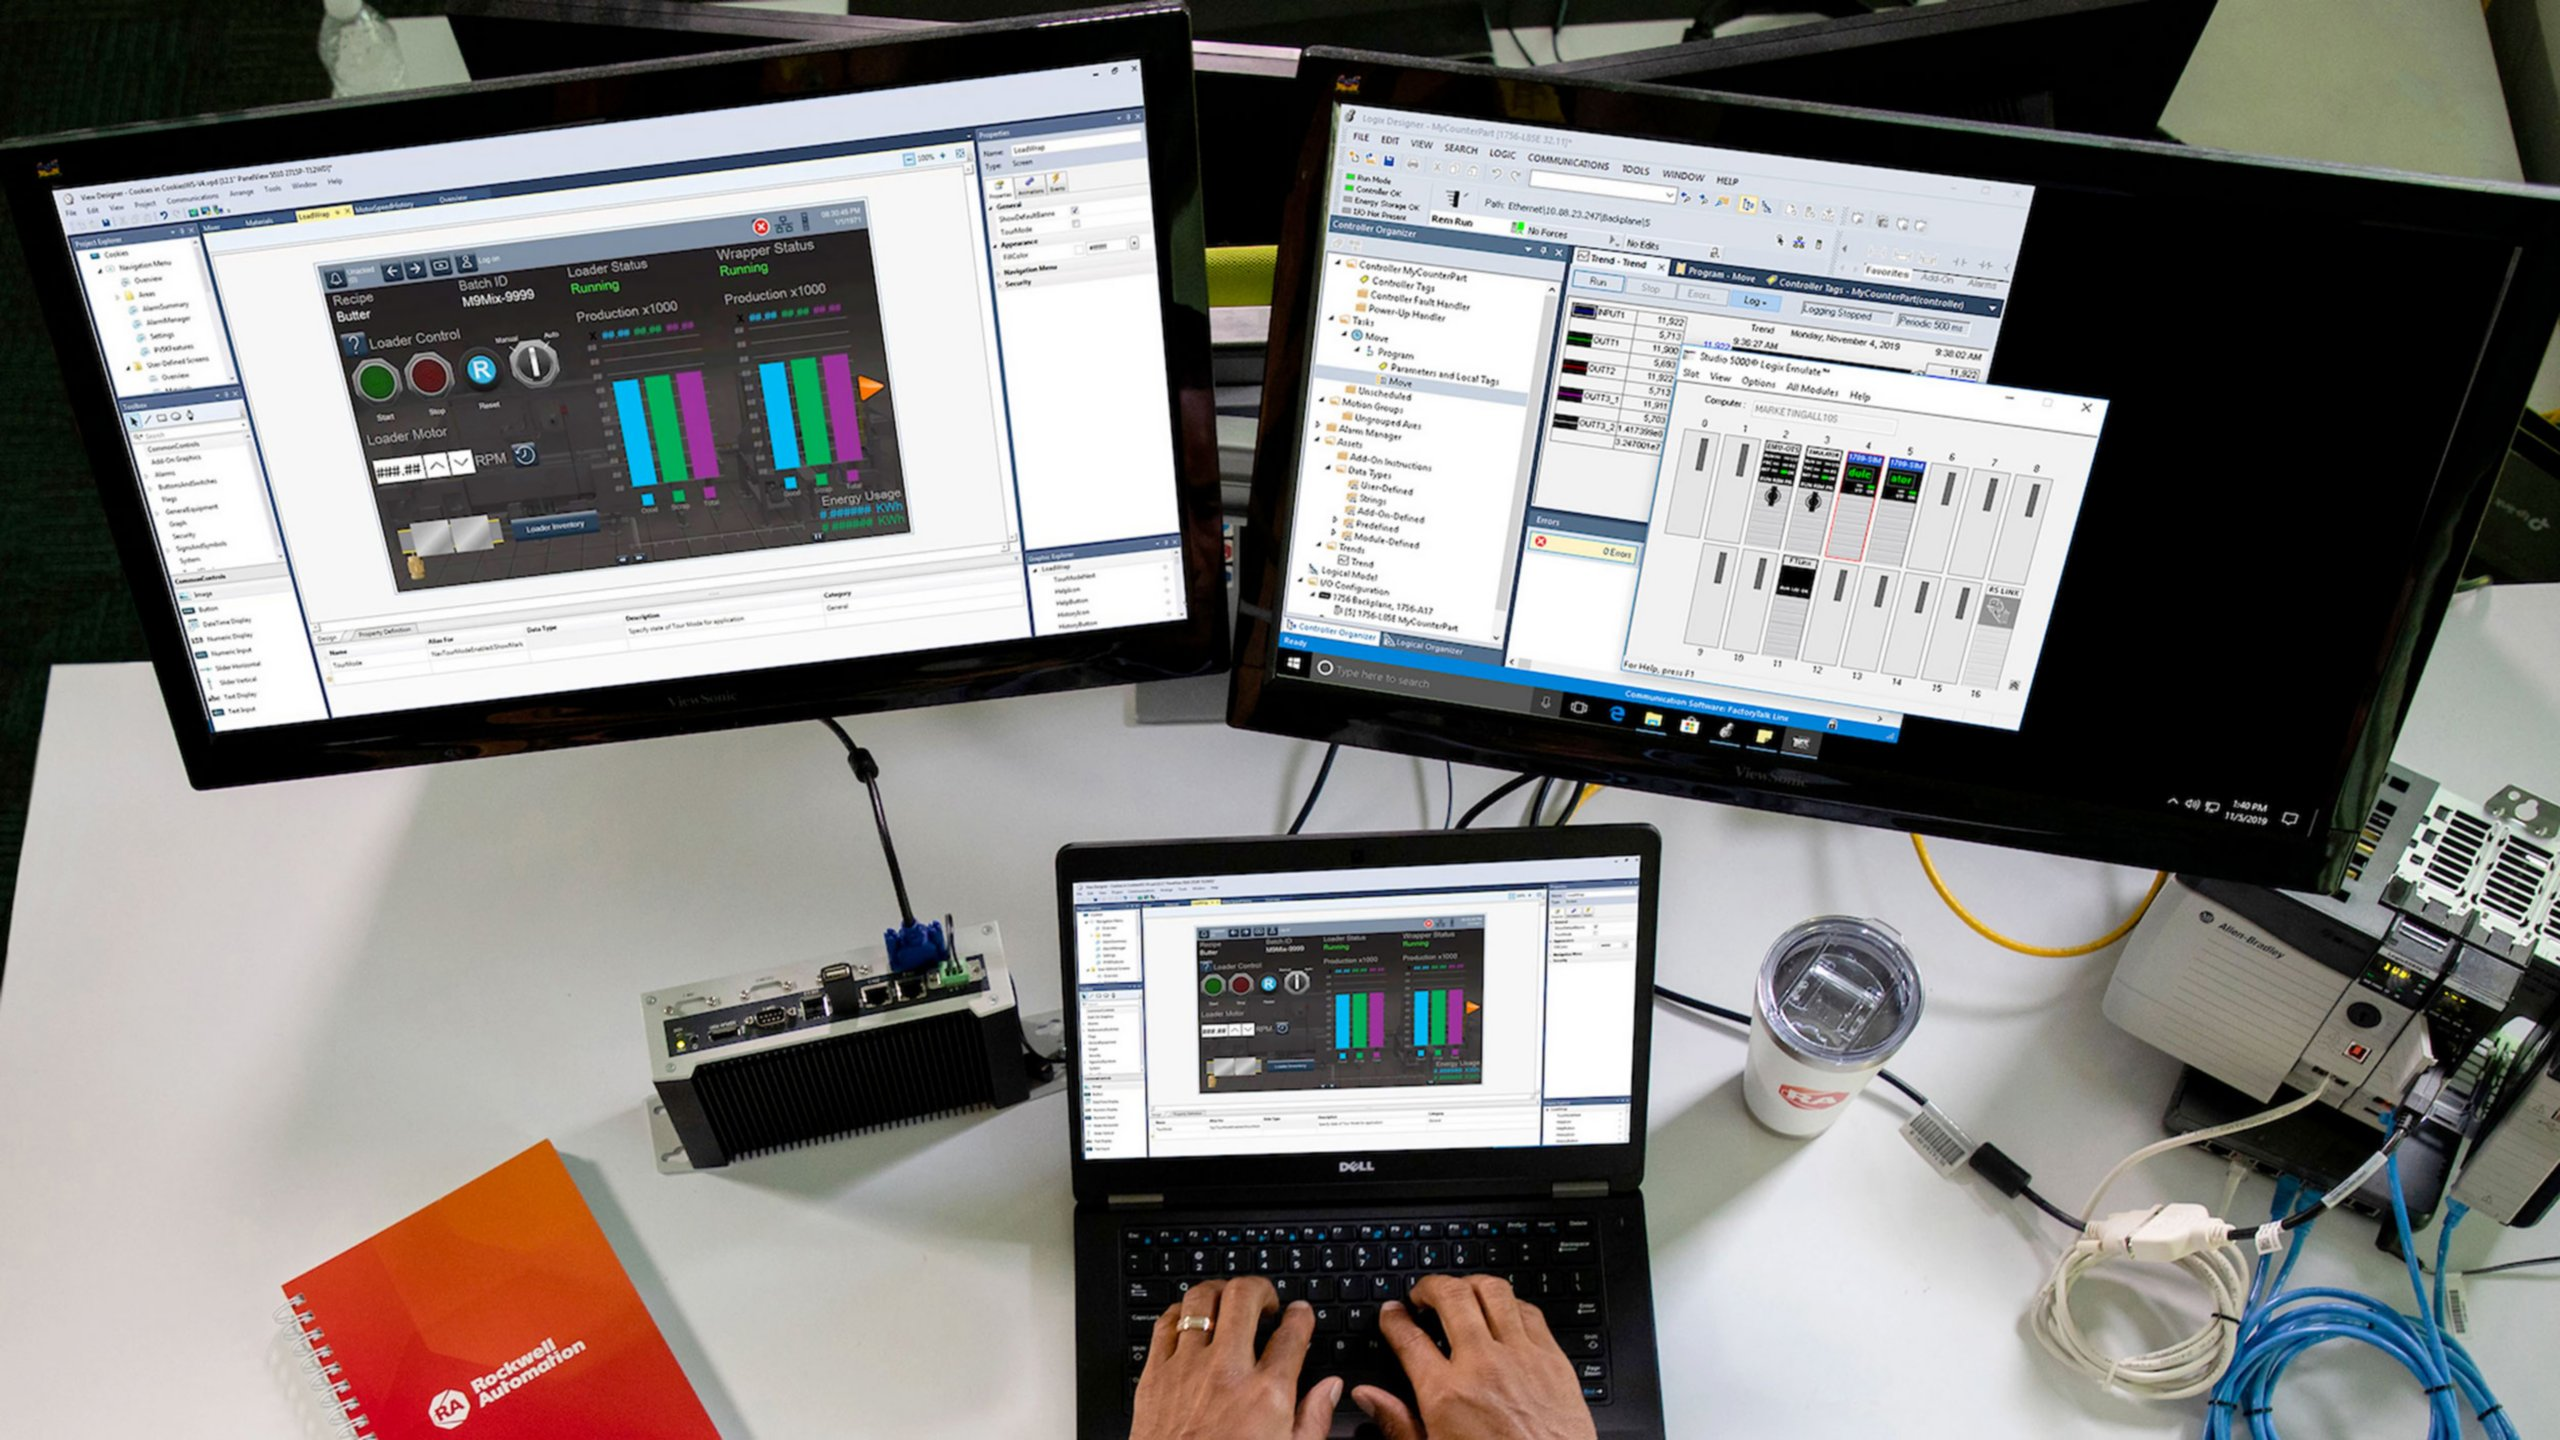 Design HMI with Studio 5000 View Designer